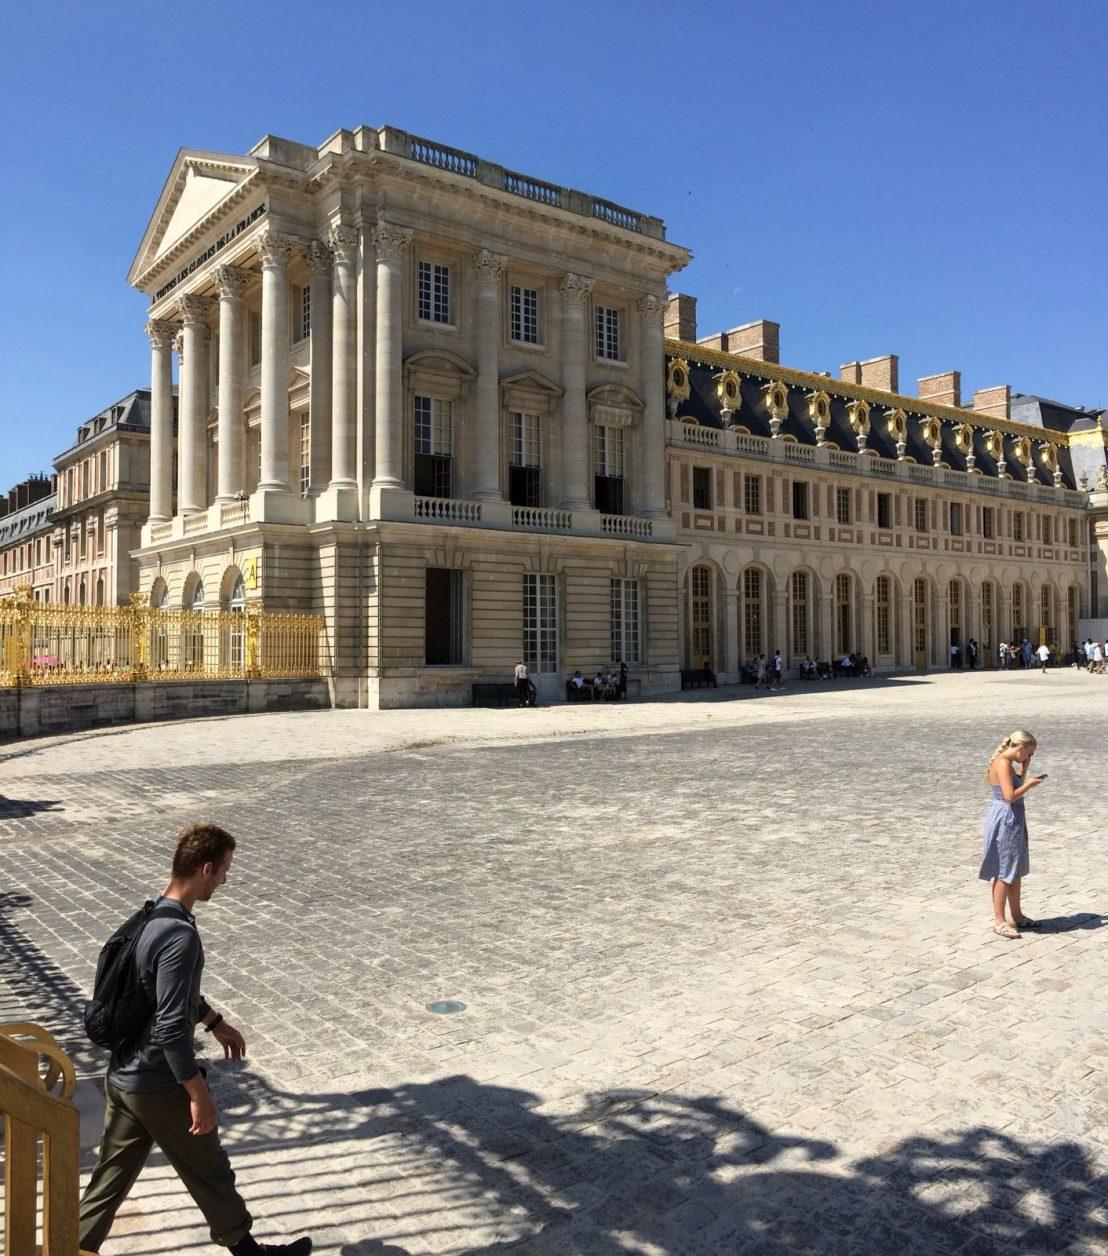 Der dreiflügelige Prachtbau den Sonnenkönig Ludwig XIV. zu monumentaler Größe ausgebaut ist die architektonische Verkörperung absolutistischer Macht. Foto: Christian Baumann